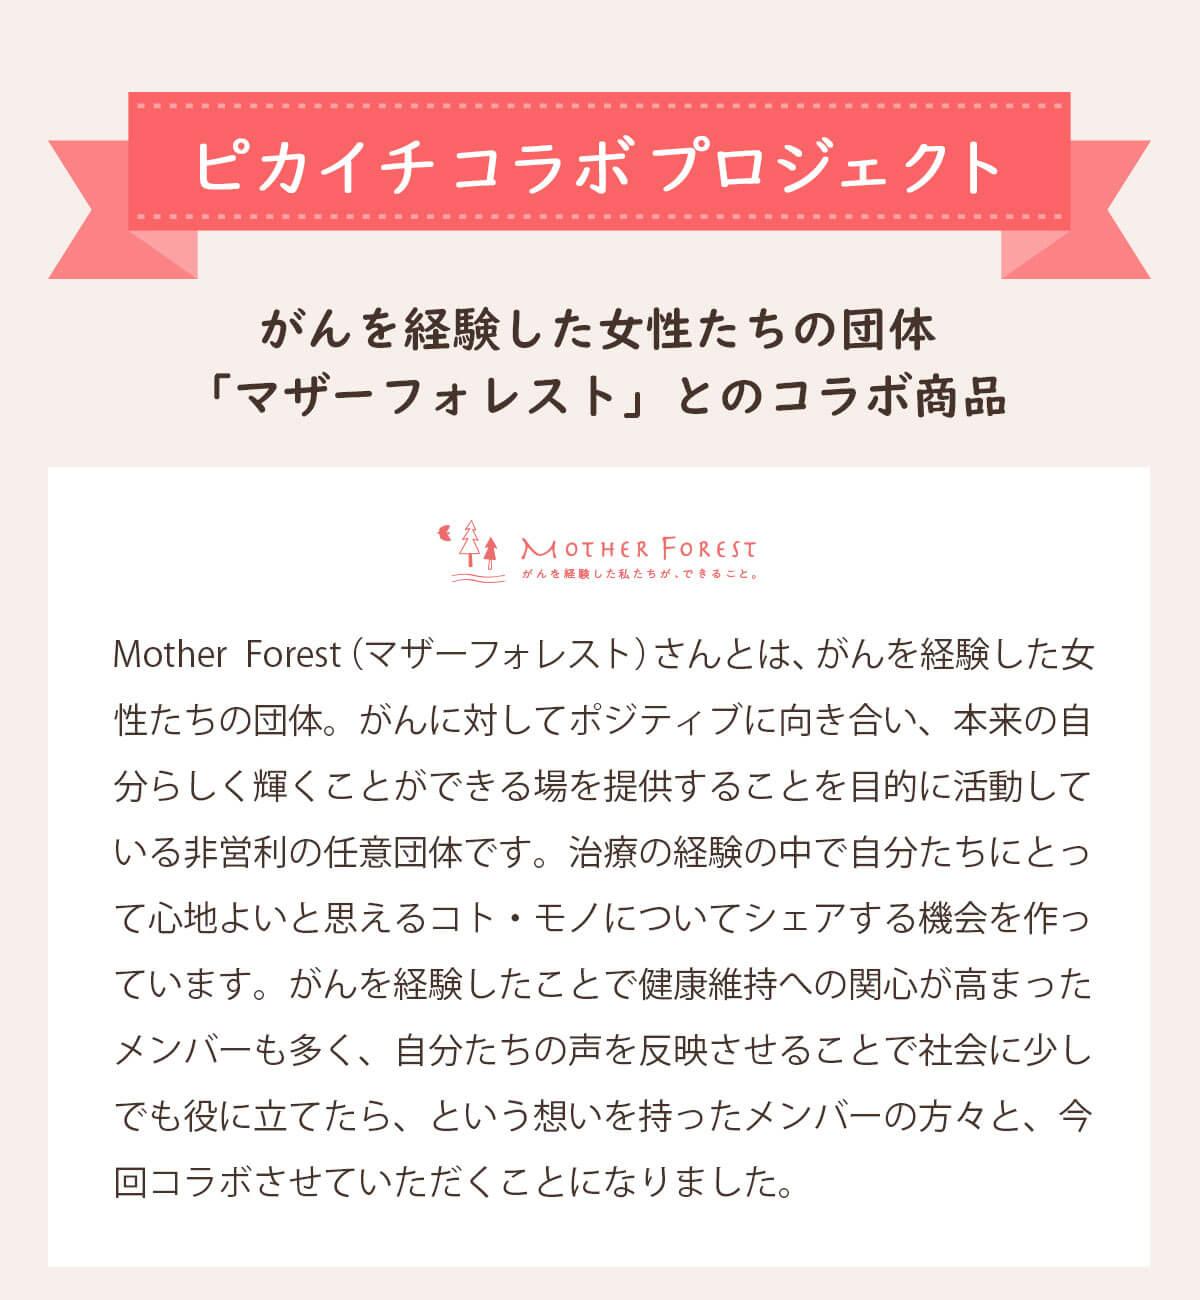 がんを経験した女性たちの団体「マザーフォレスト」とのコラボ商品